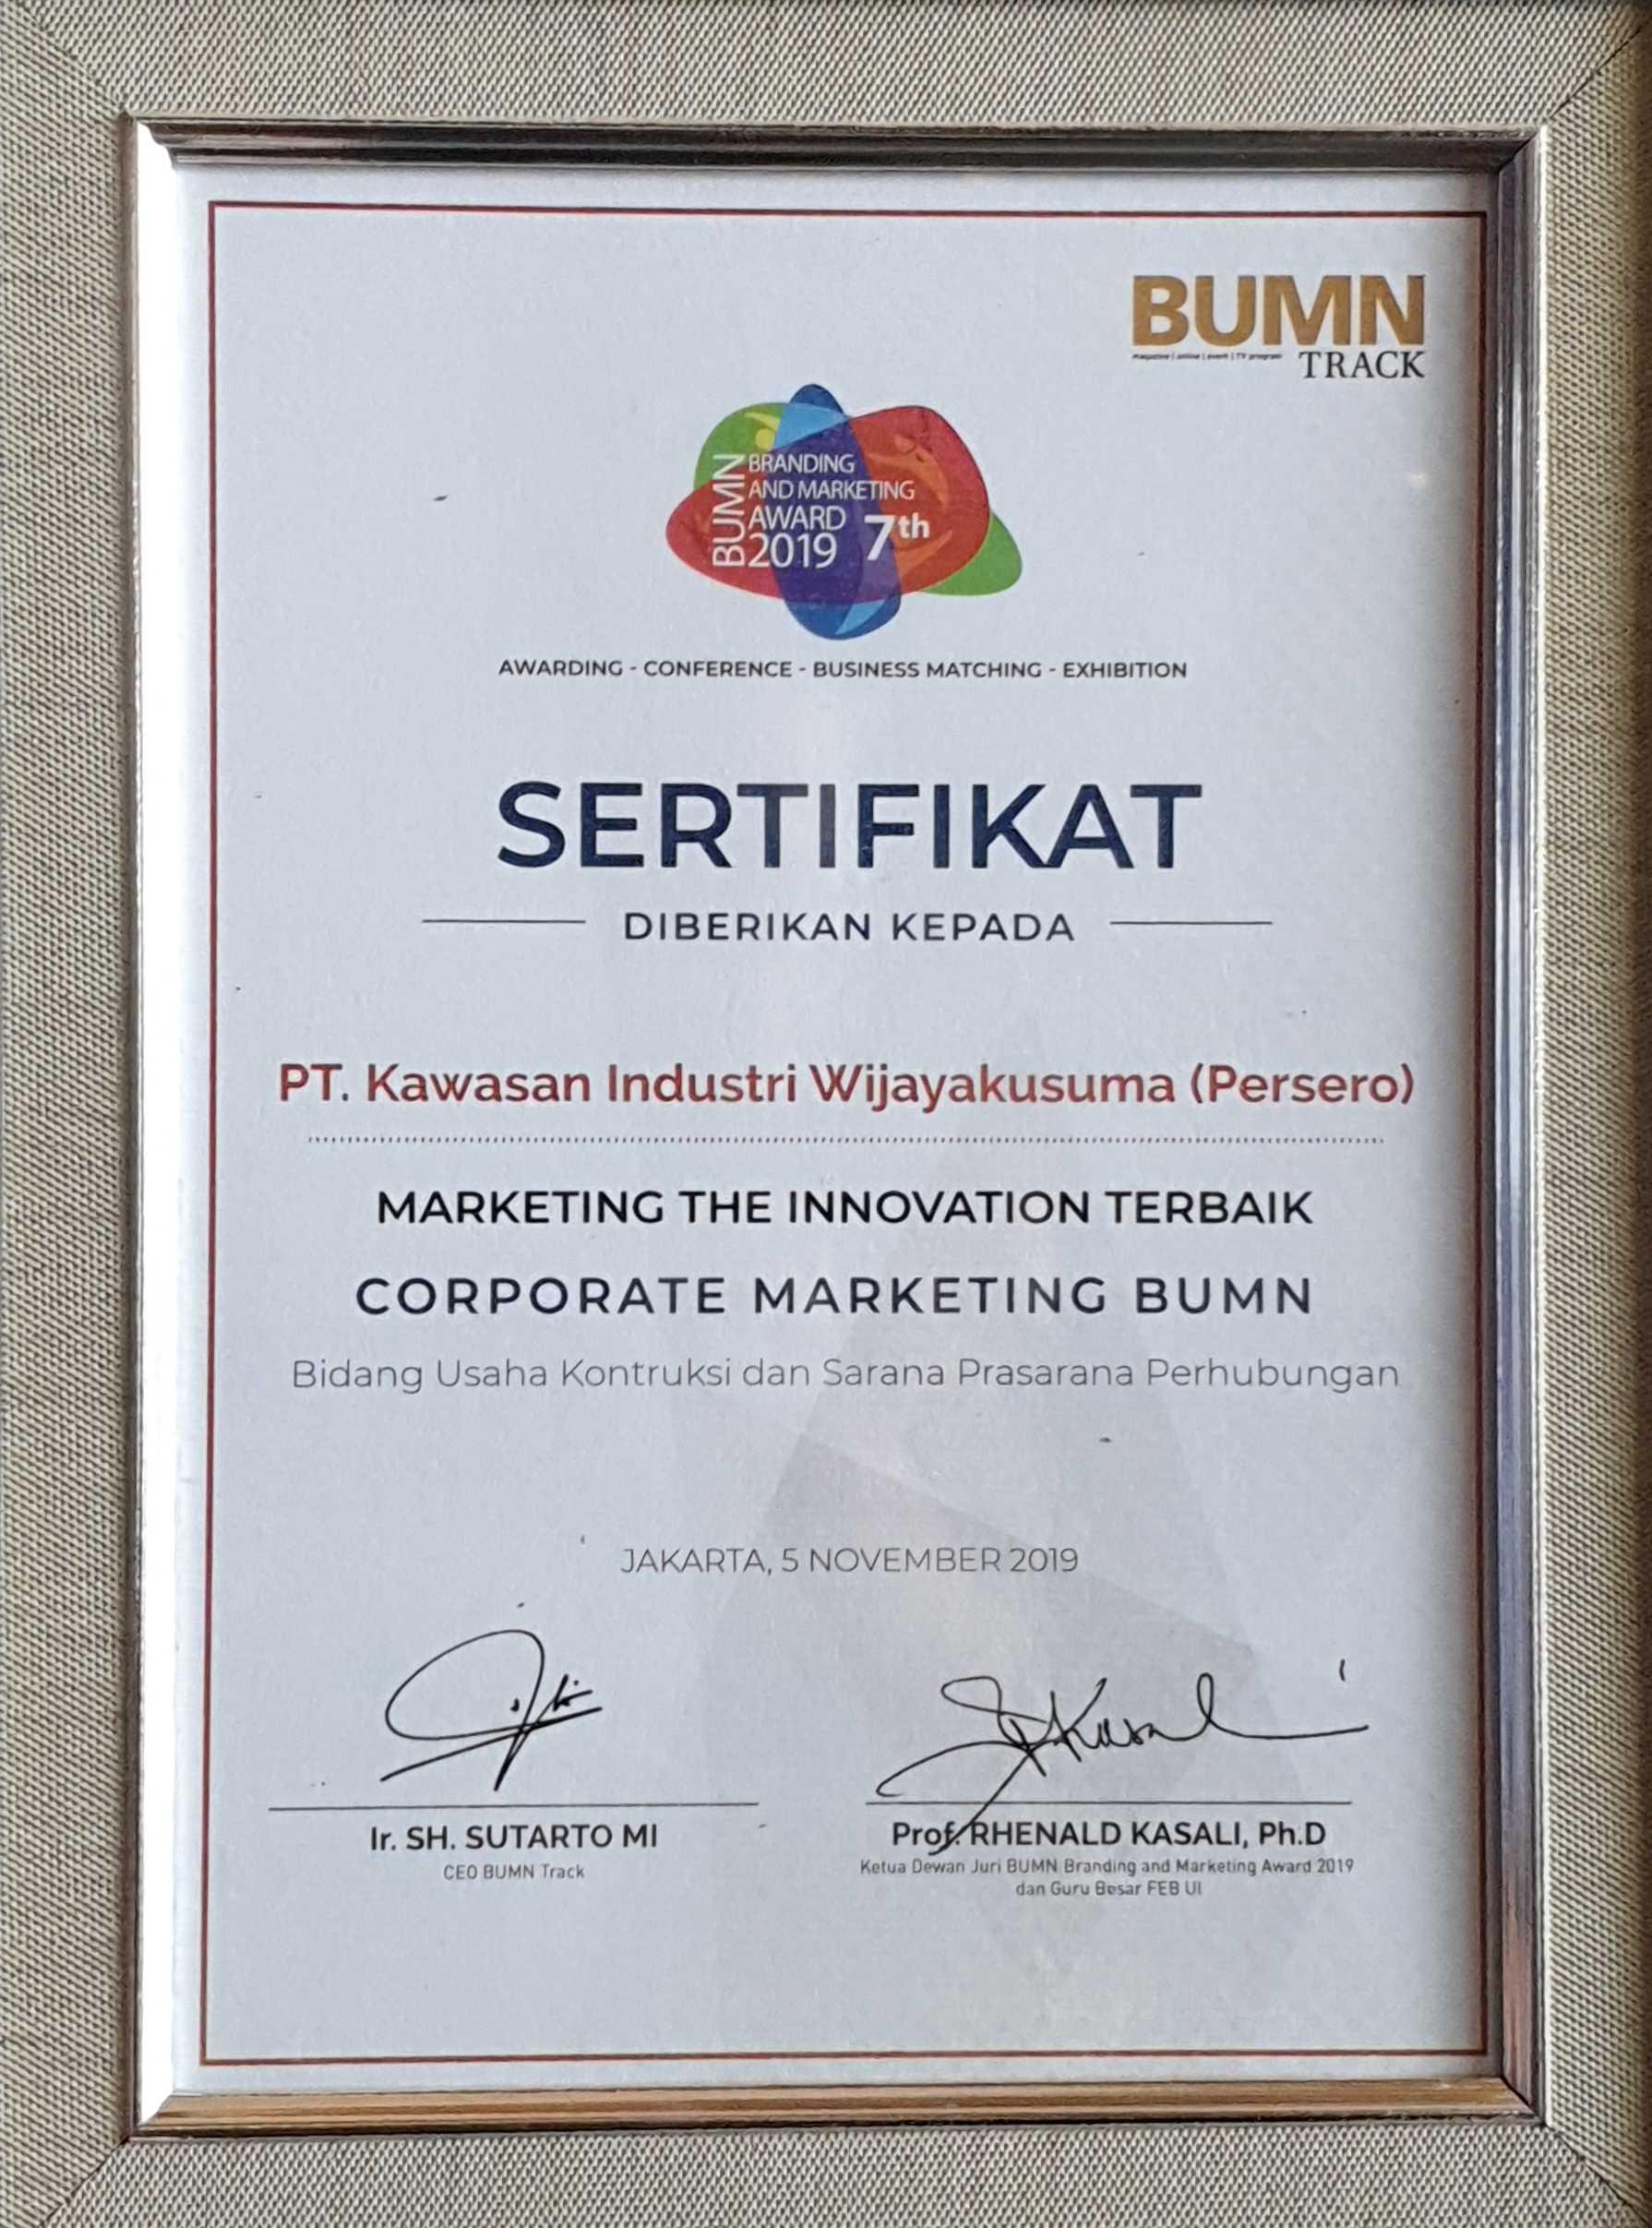 PT KIW BUMN Branding & Marketing Award 2019